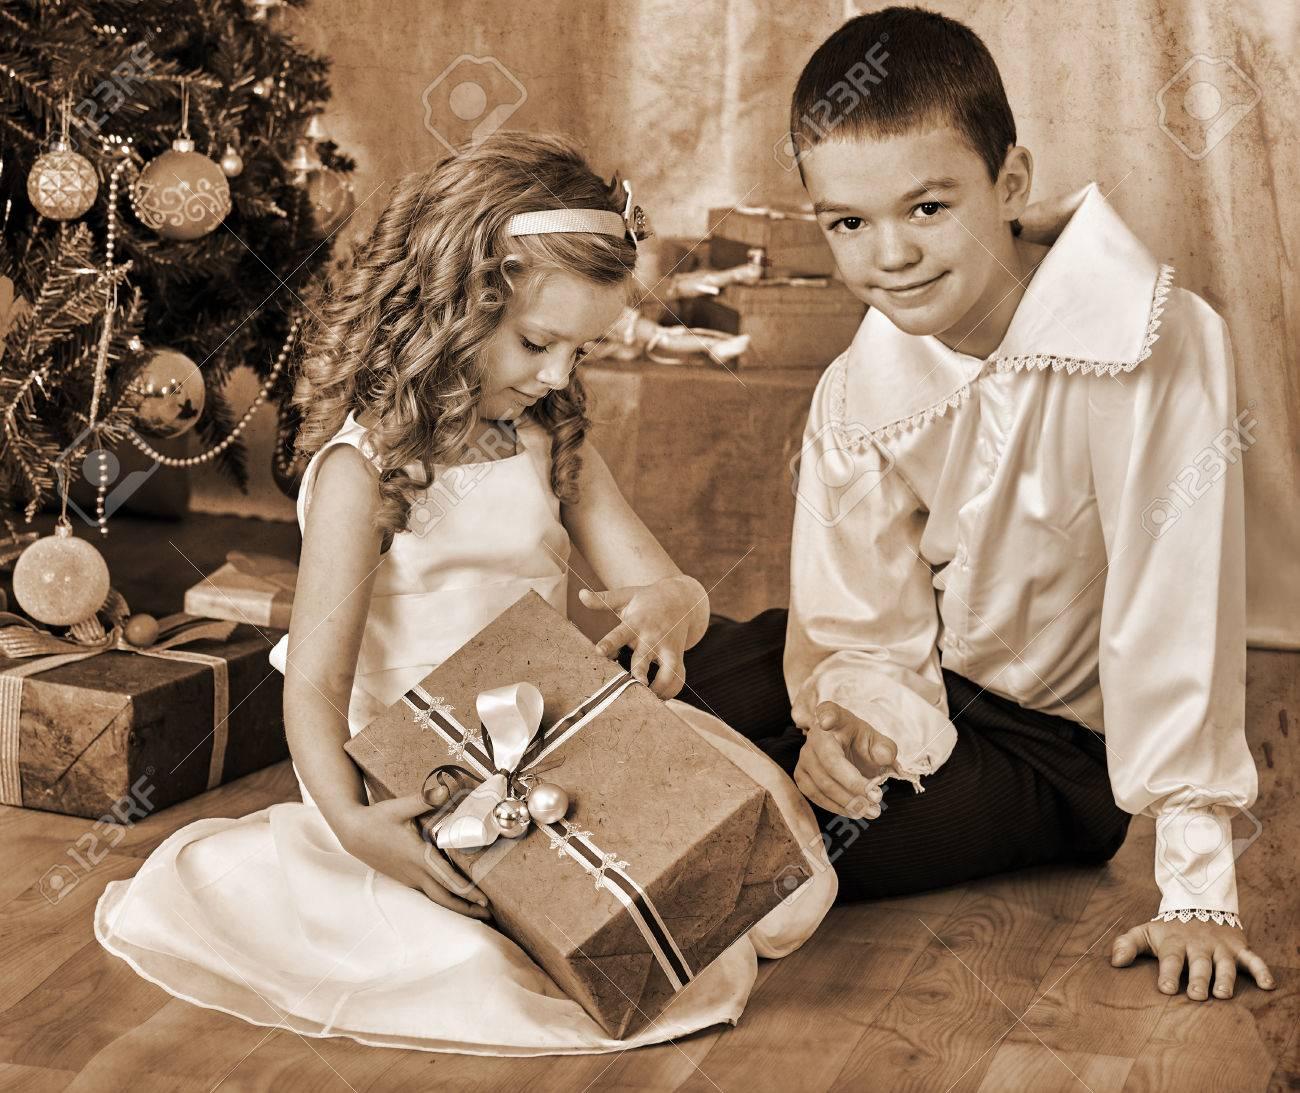 Regali Di Natale Fratello.Bambini Felici Fratello E Sorella Regali Aperti Sotto L Albero Di Natale In Bianco E Nero Retro Vintage